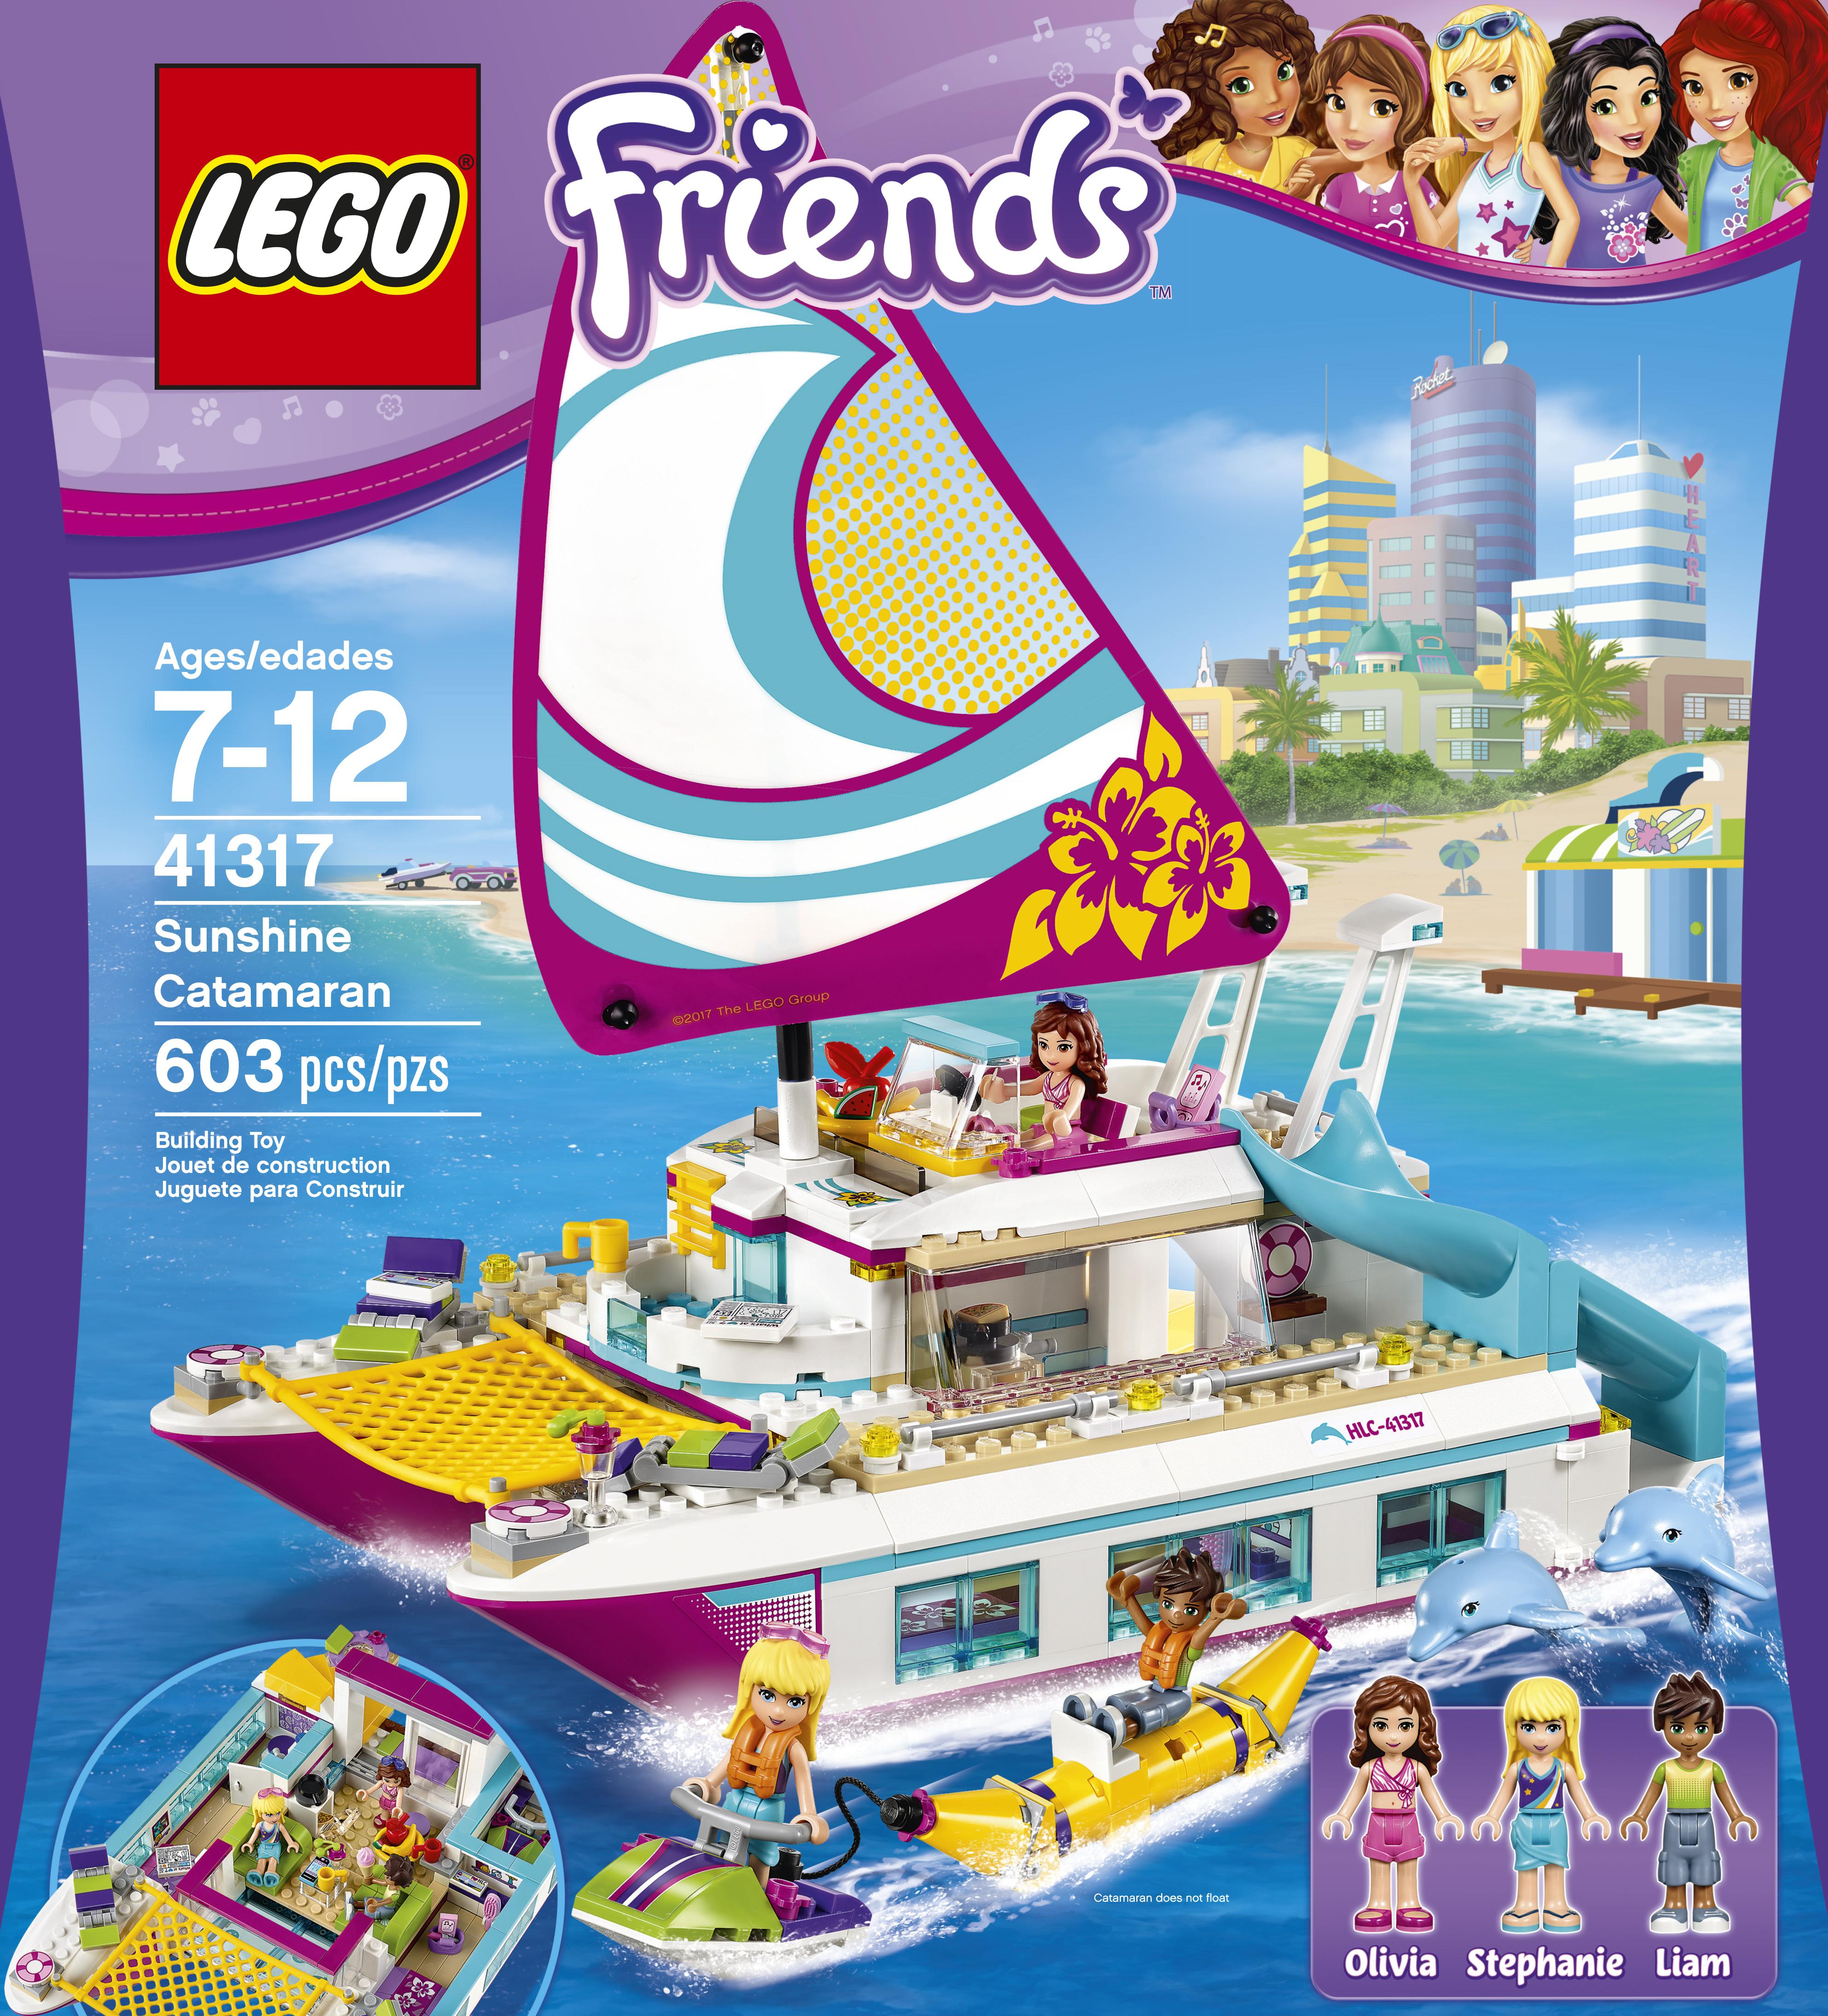 Dream Toys, Dream Toys 2017, Dream Toys list, Christmas toys, Lego Friends, Lego Friends Sunshine Catamaran, Lego Catamaran, Lego boat